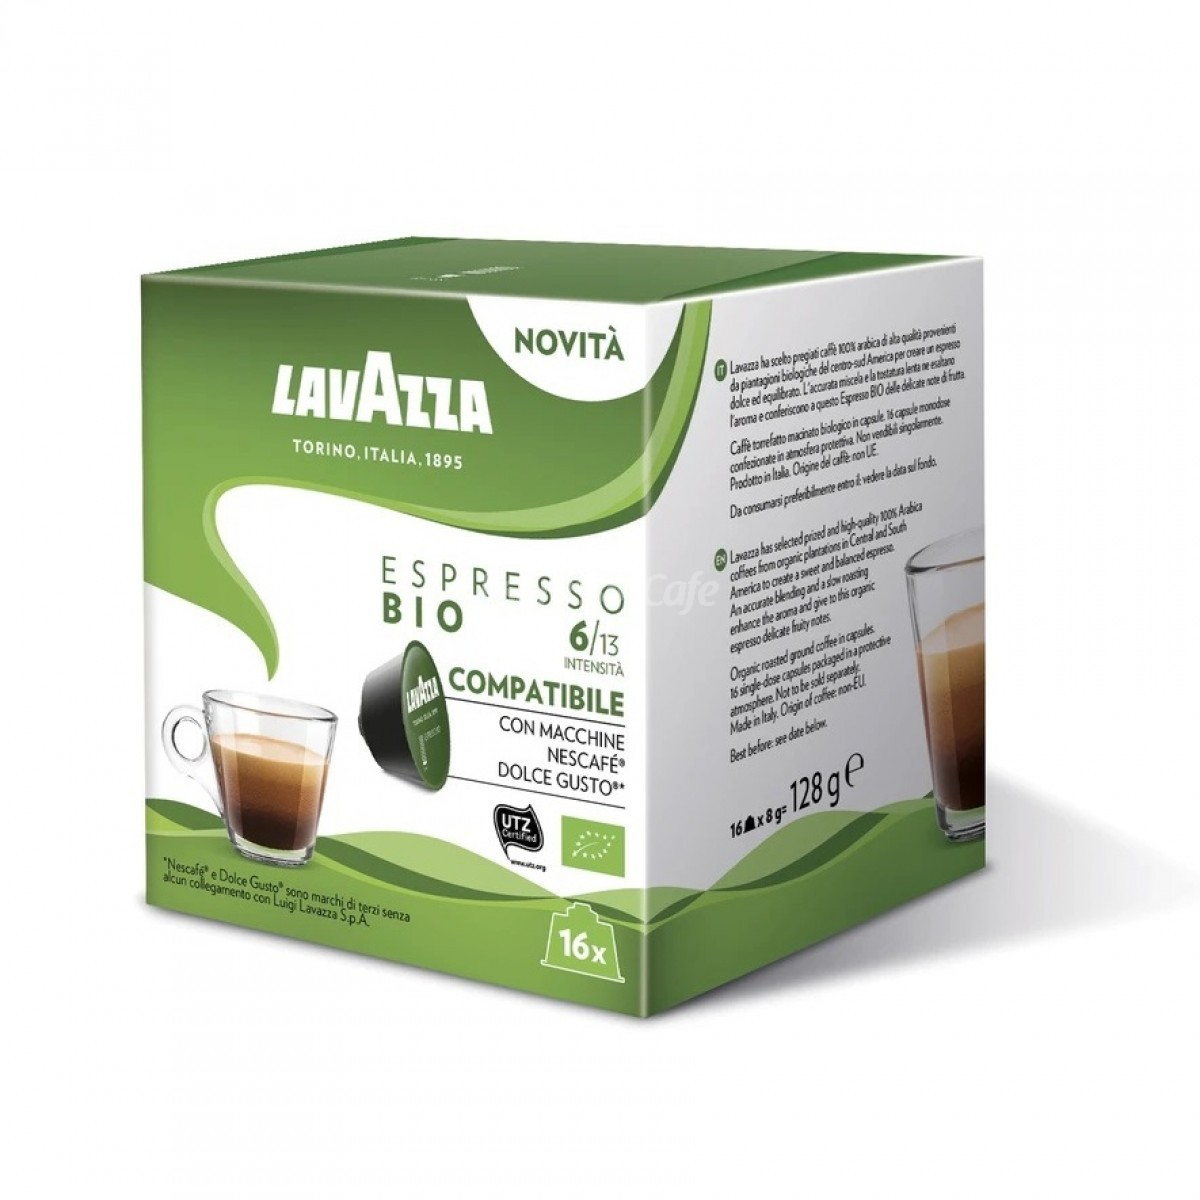 Lavazza Espresso BIO capsule compatibile Nescafe Dolce Gusto cutie 16 buc